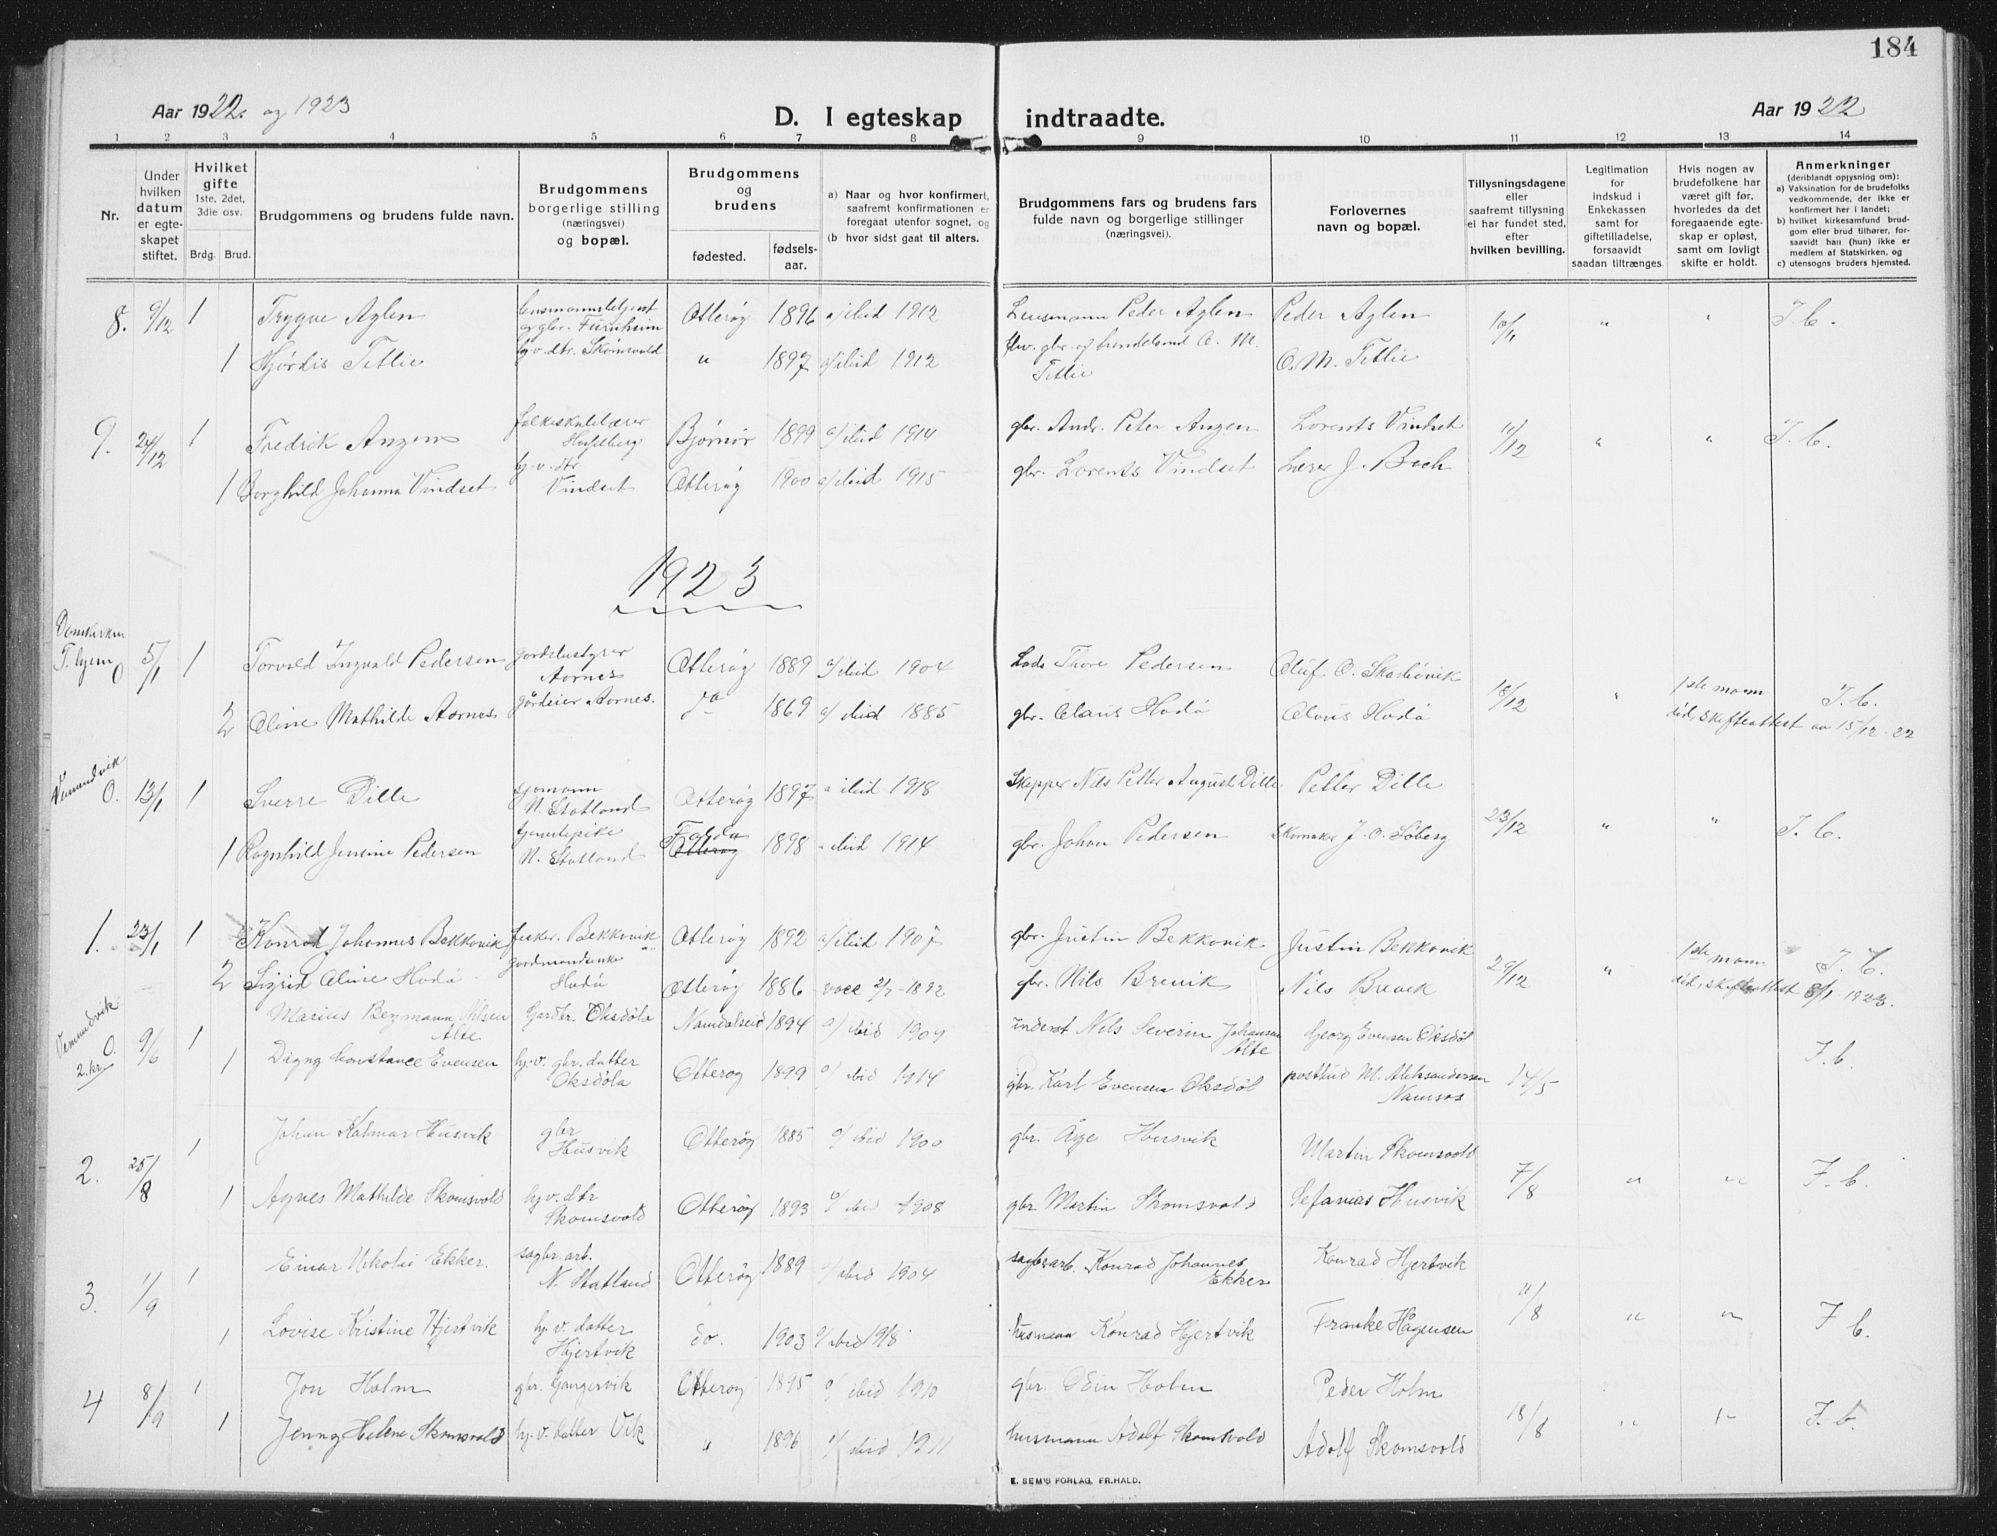 SAT, Ministerialprotokoller, klokkerbøker og fødselsregistre - Nord-Trøndelag, 774/L0630: Klokkerbok nr. 774C01, 1910-1934, s. 184